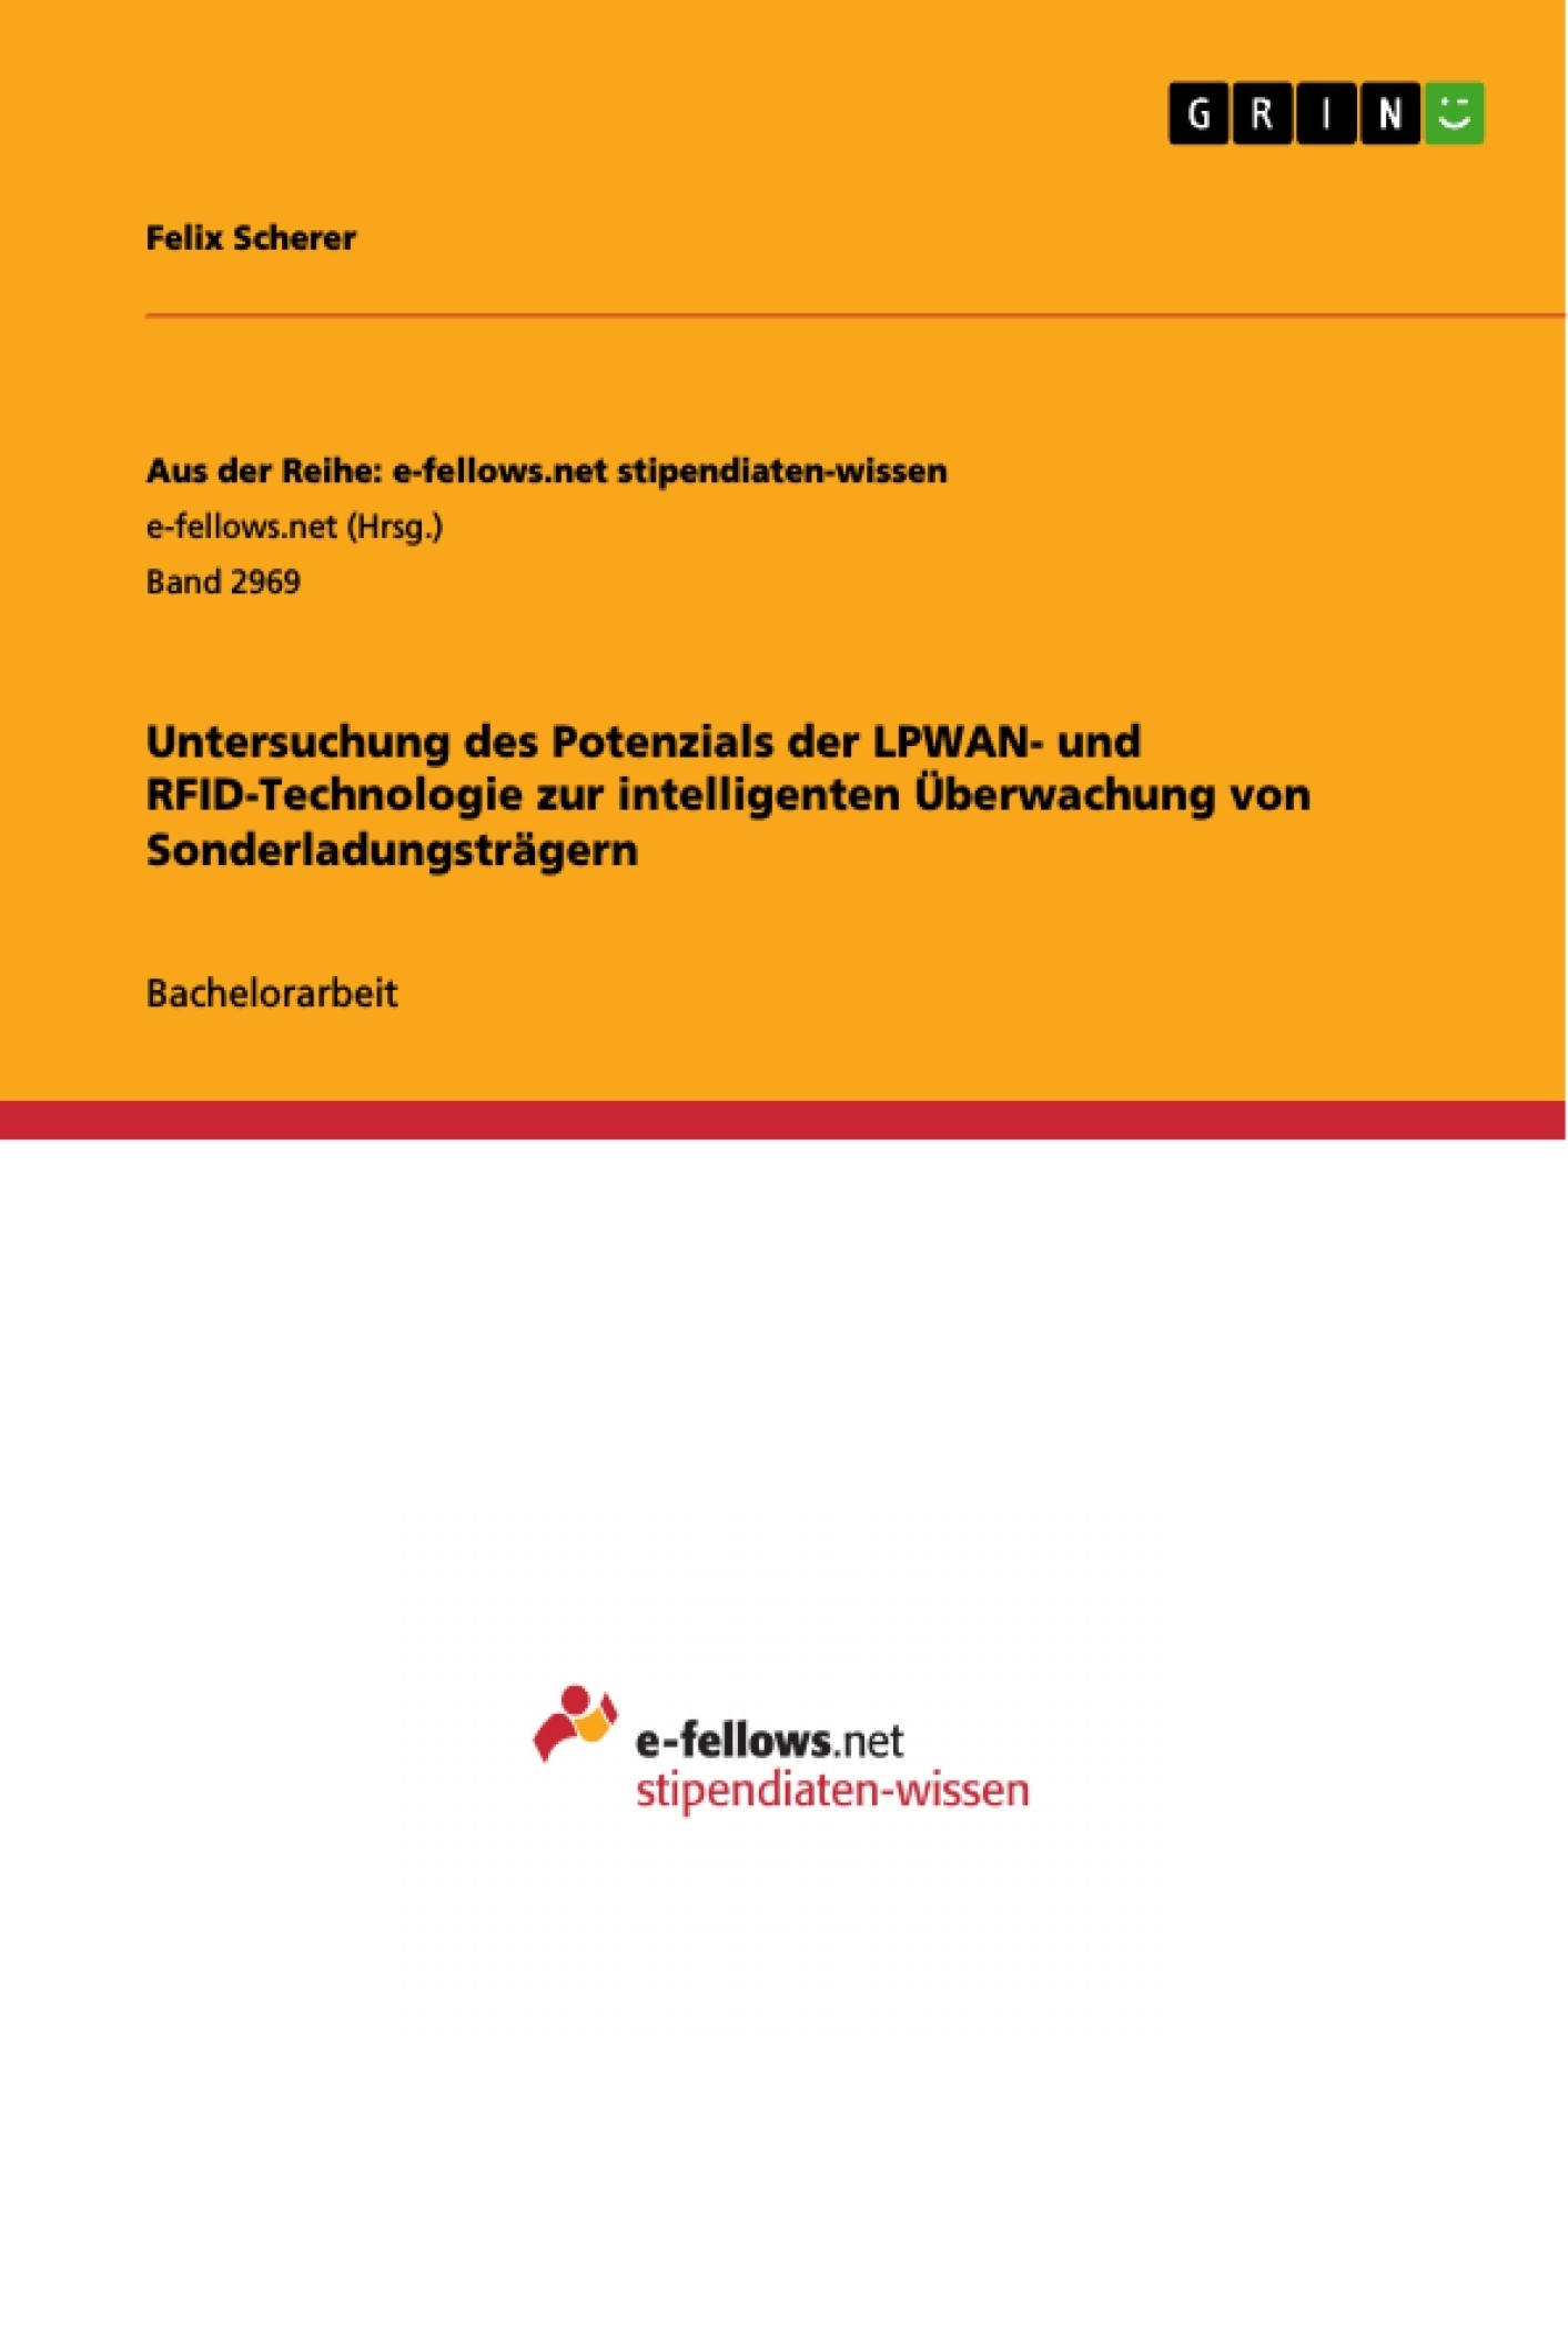 Titel: Untersuchung des Potenzials der LPWAN- und RFID-Technologie zur intelligenten Überwachung von Sonderladungsträgern